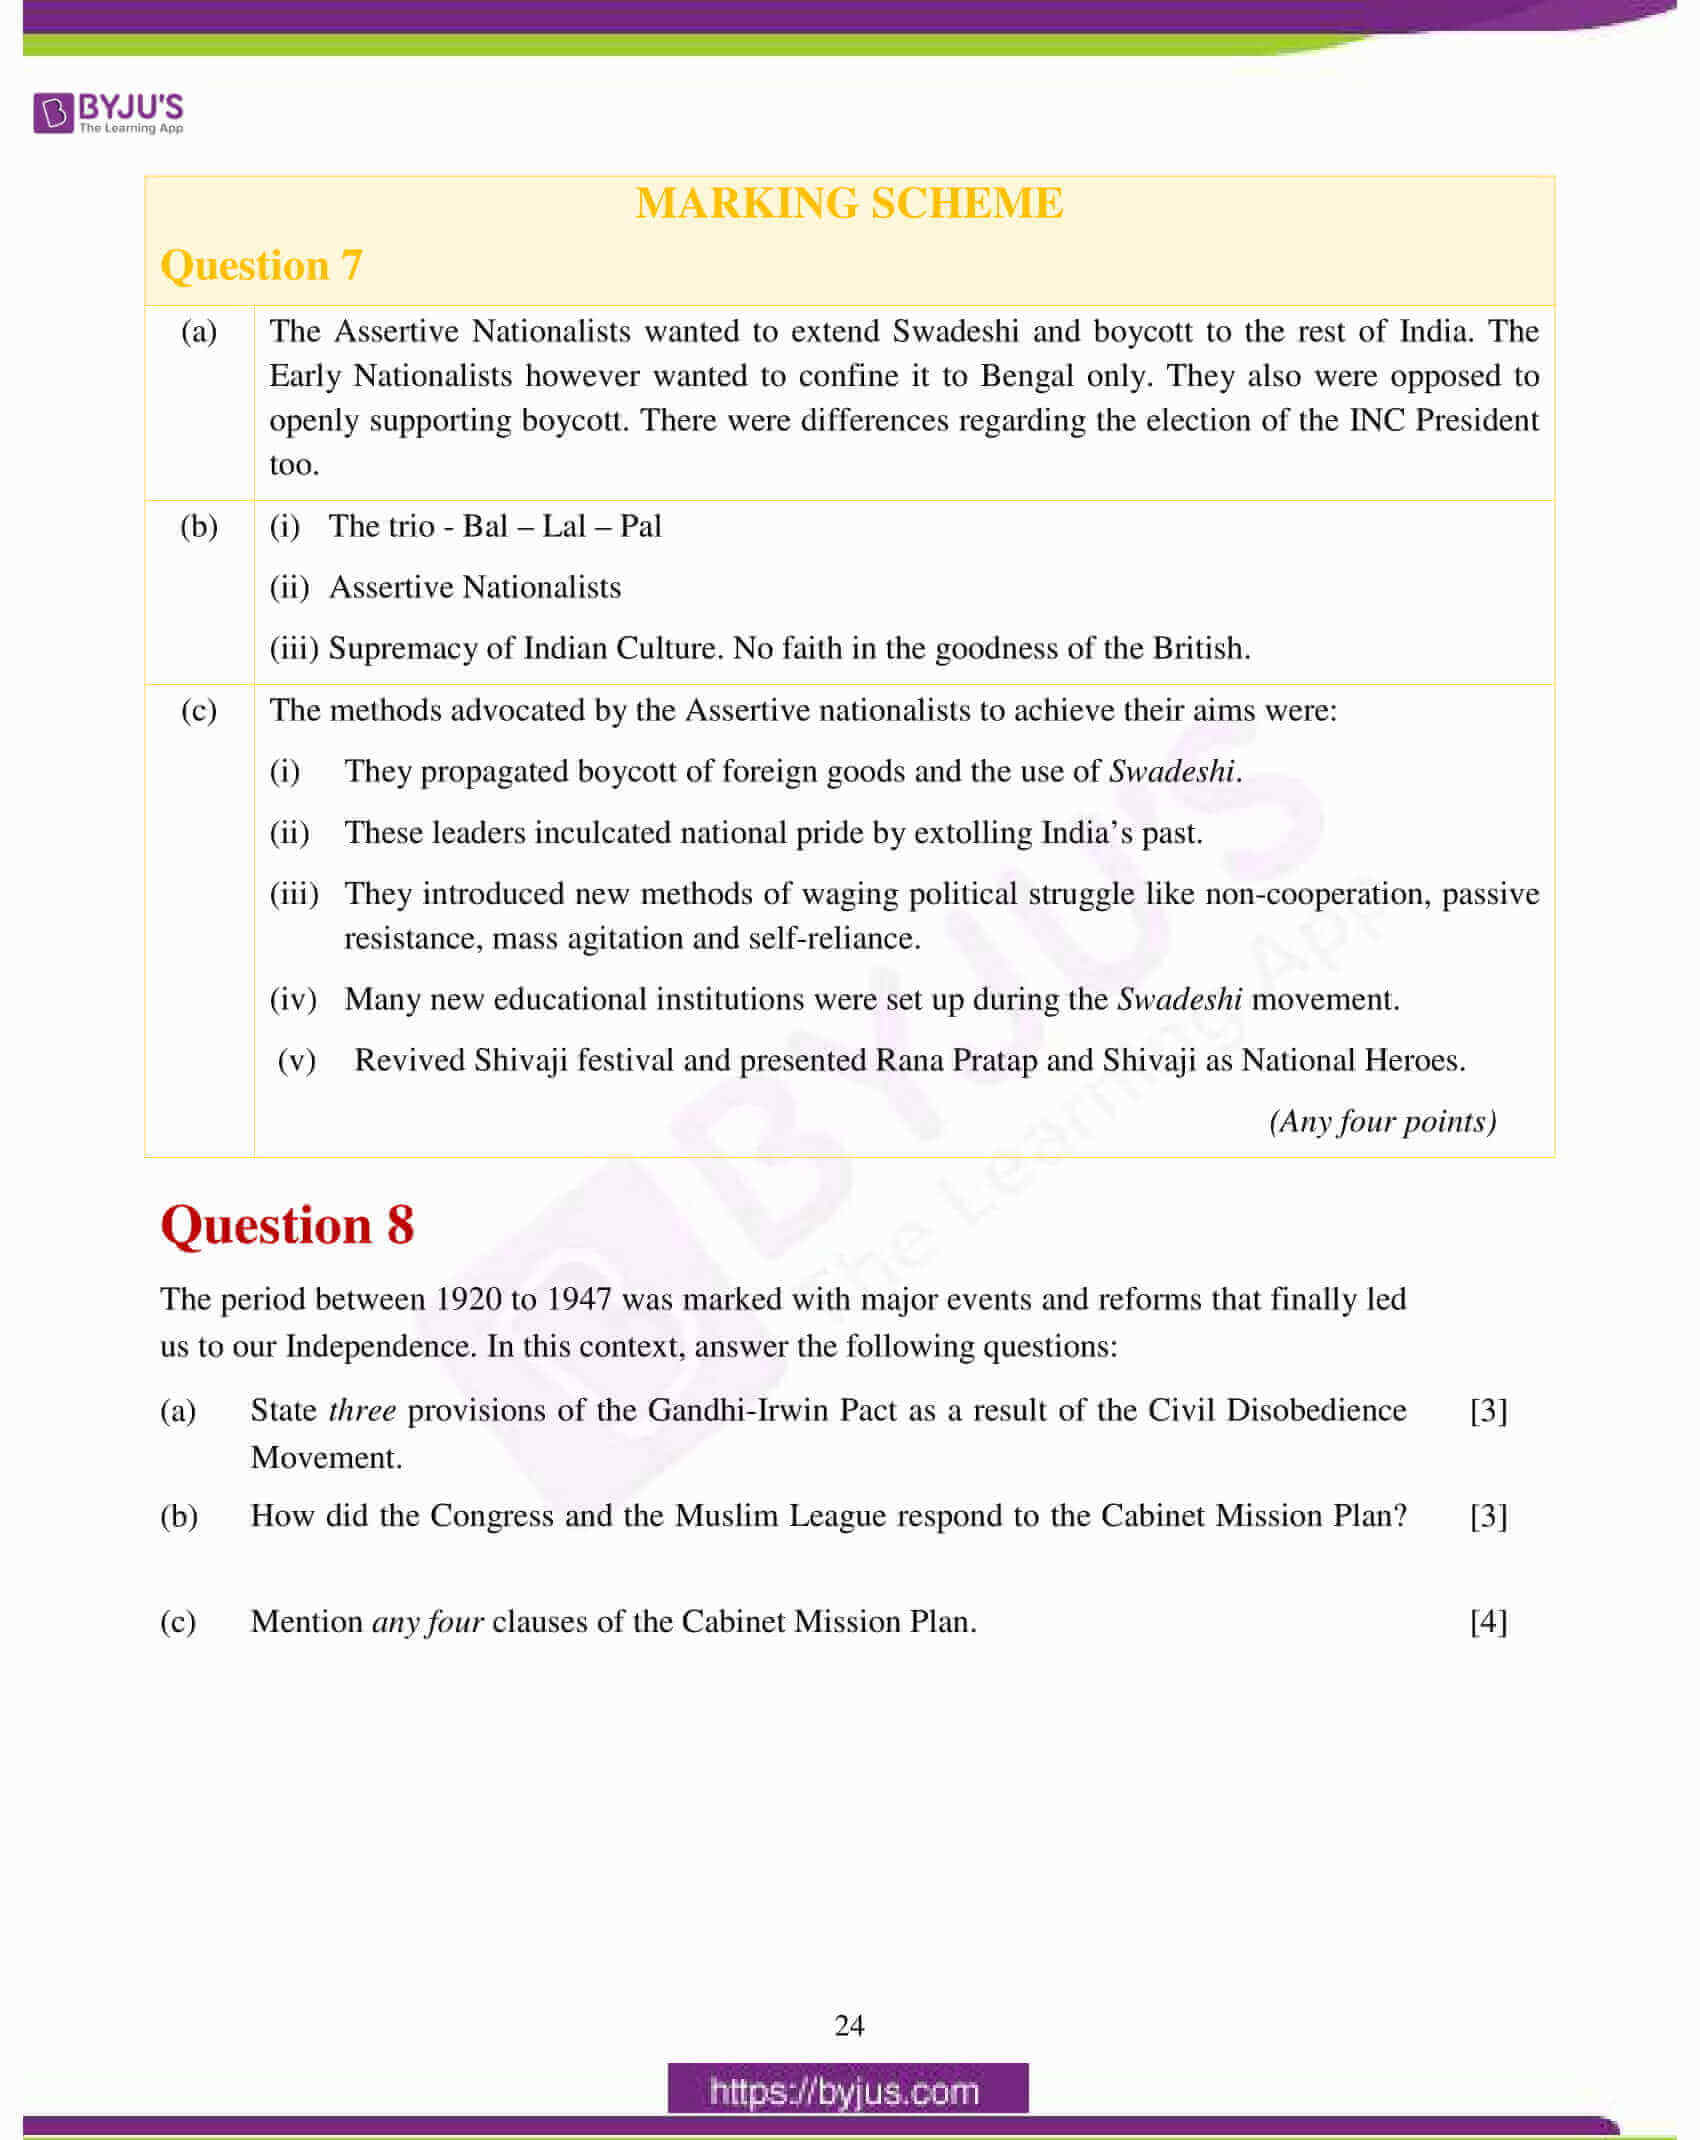 icse class 10 history civics question paper solution 2017 15